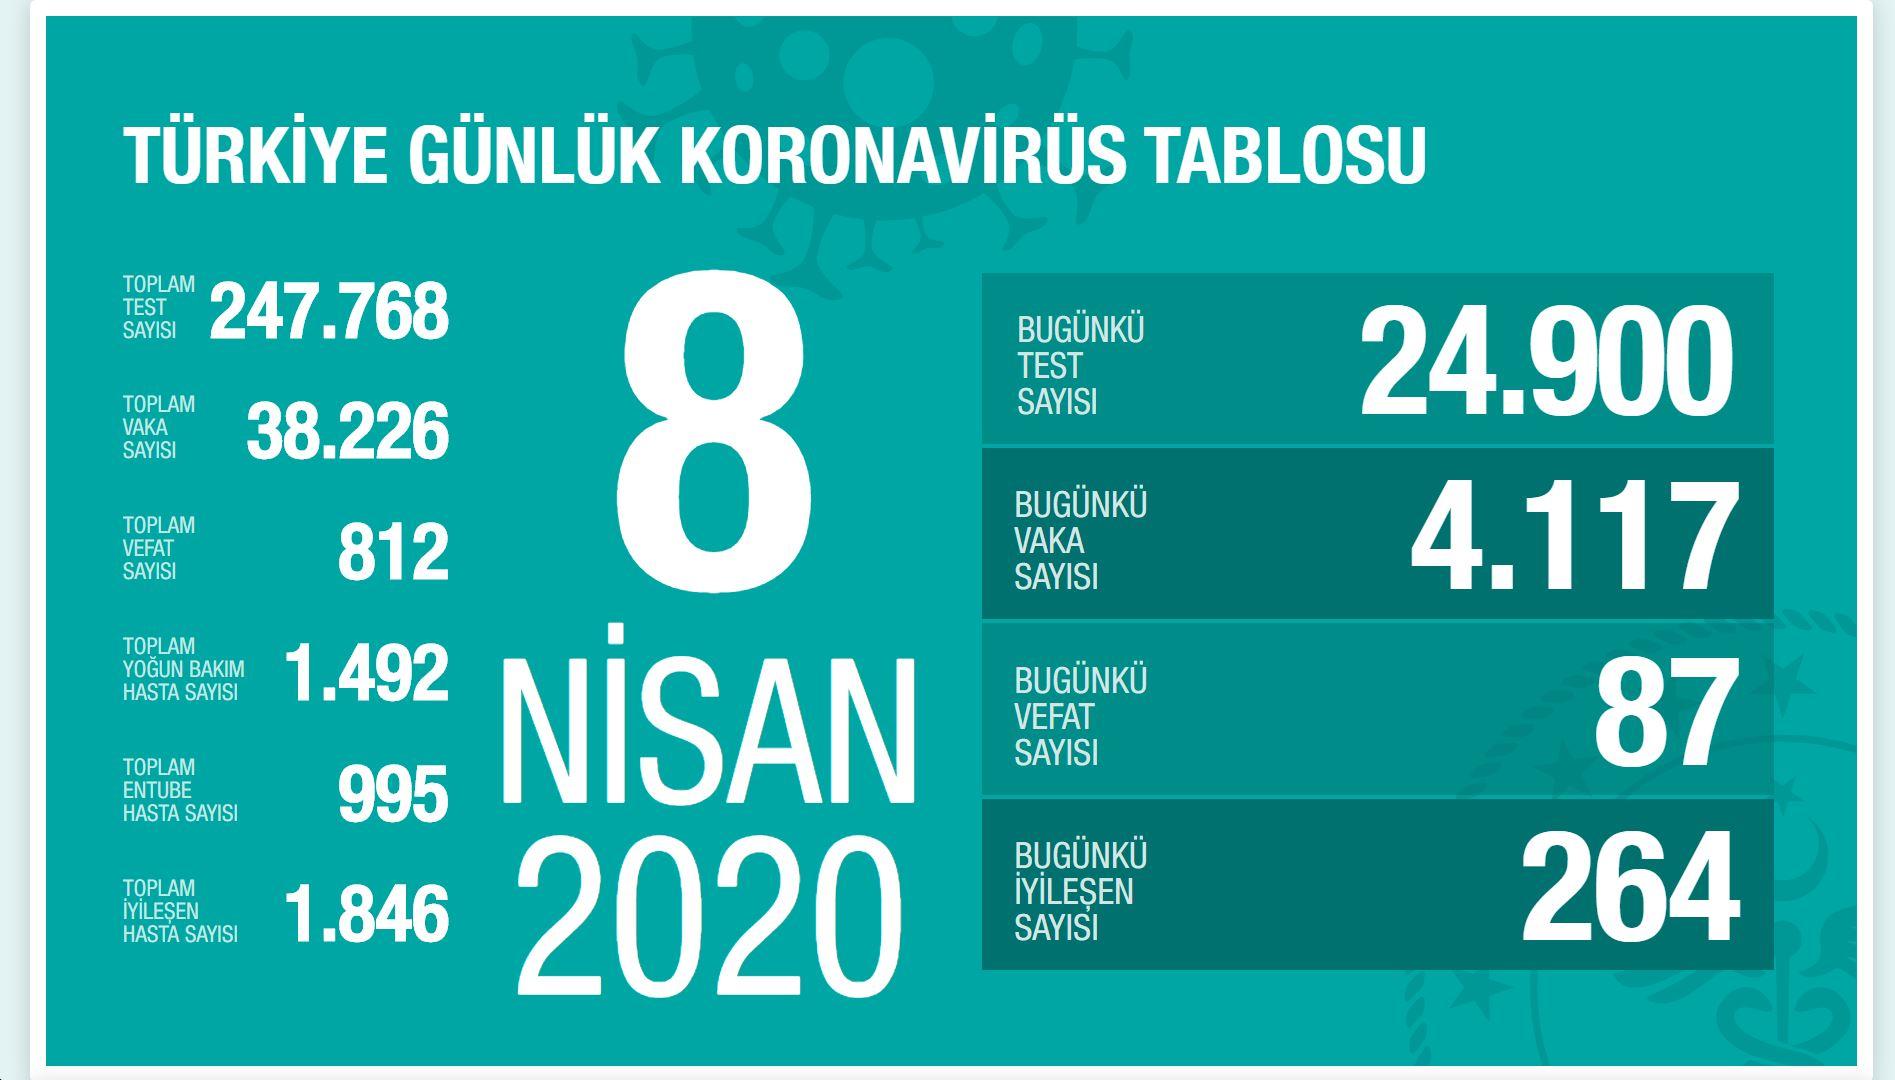 2020 04 09 coronavirus case turkey infographic Koronavirüs'ten Bugüne Kadar  1 Günde En Fazla Ölüm ABD'de Gerçekleşti | koronavirüs en fazla ölen sayısı https://huglero.com